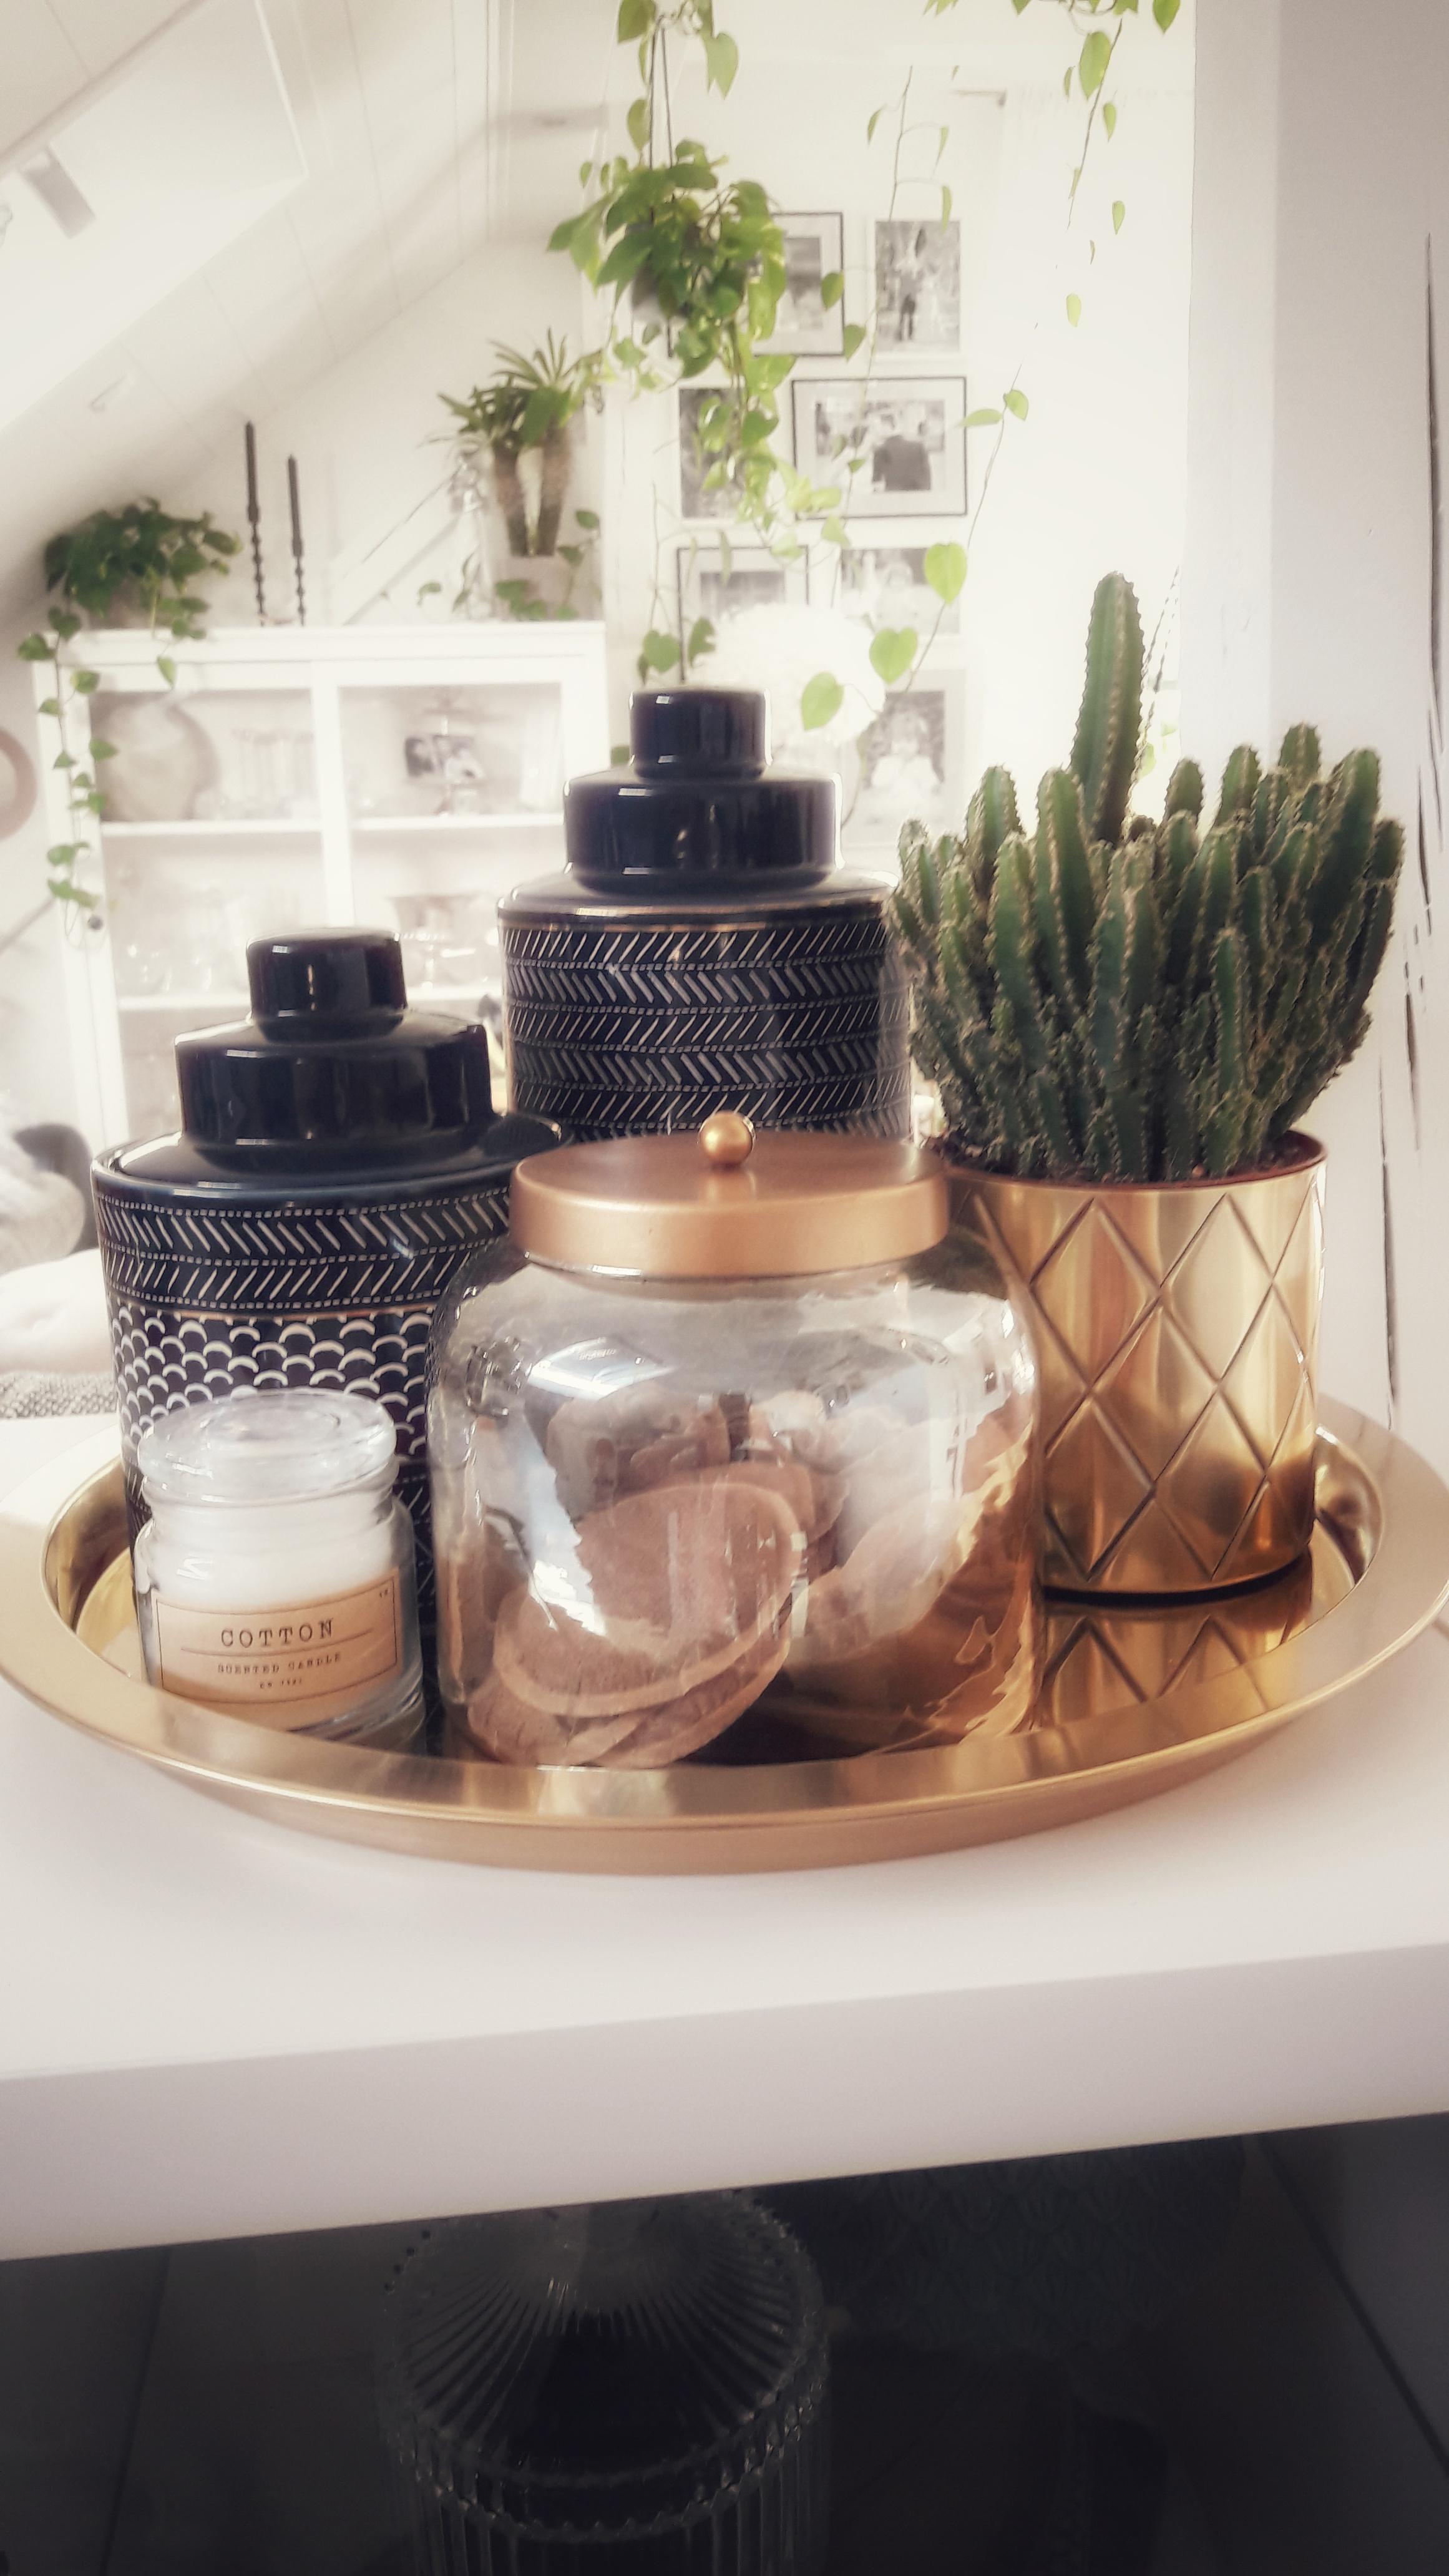 #Wohnzimmer #Kaffeebar #Dachschräge #Gold #Chillimilli #Kaktusliebe